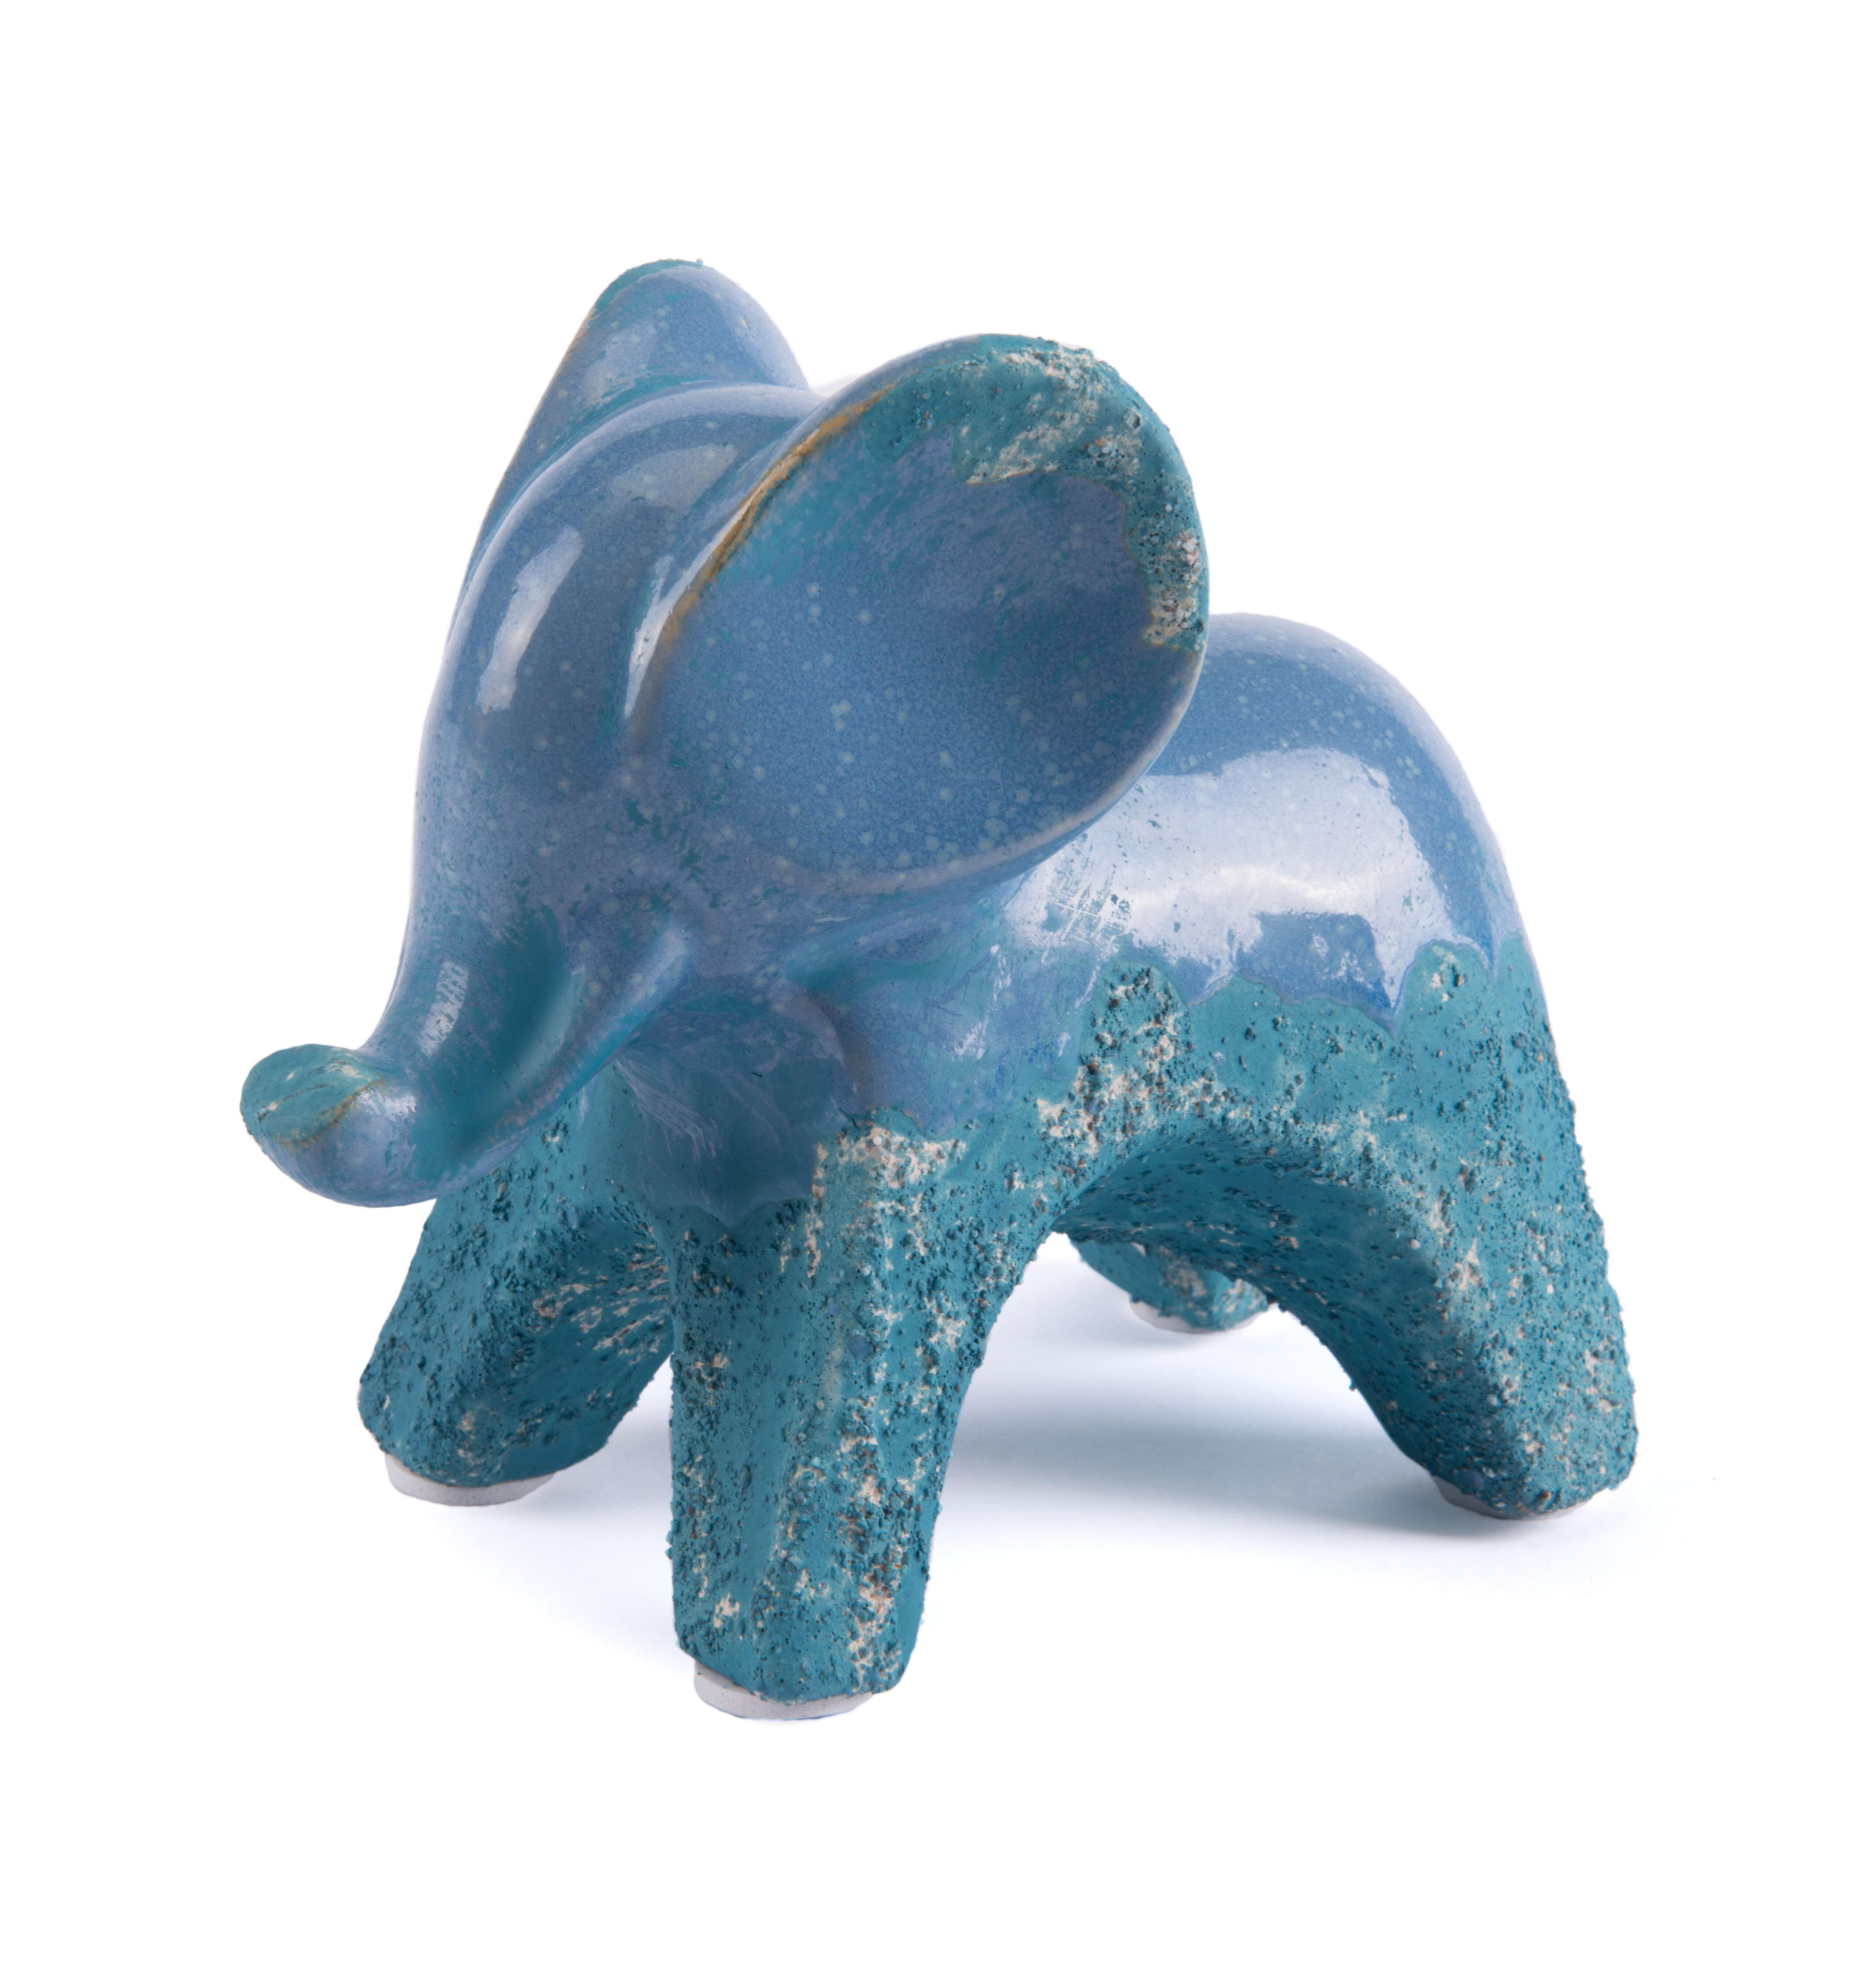 Natick Elephant Figurine & Reviews | Joss & Main